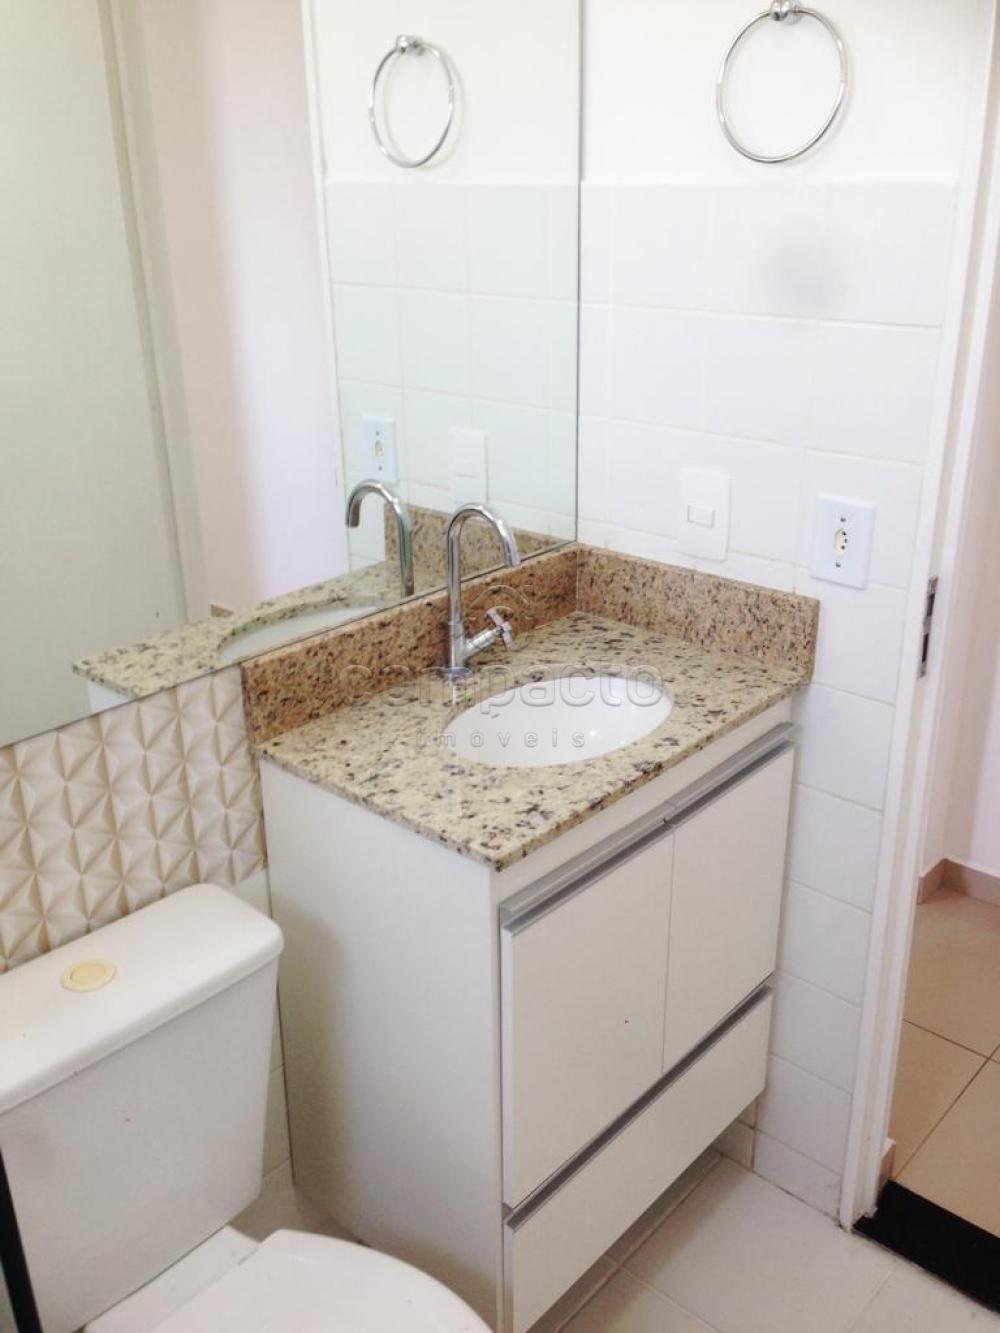 Comprar Apartamento / Padrão em São José do Rio Preto apenas R$ 240.000,00 - Foto 14